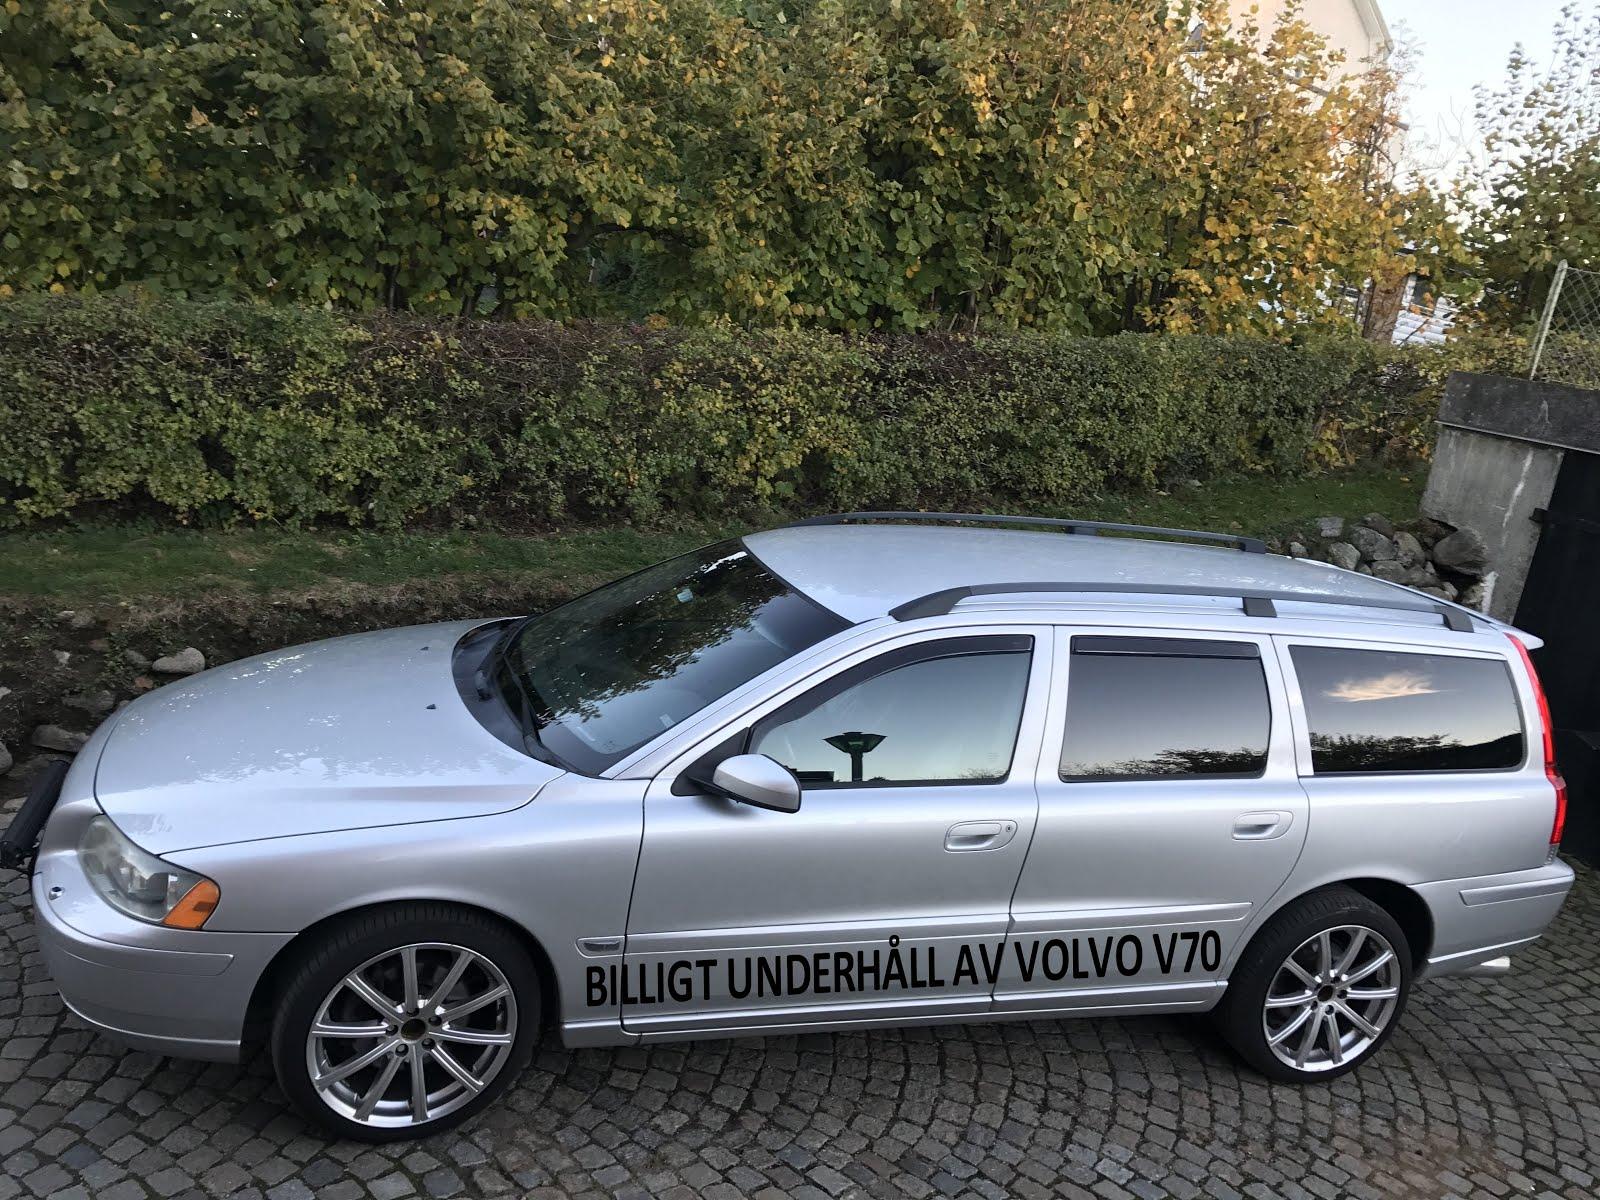 BILLIGT UNDERHÅLL AV V70 2,5T 2005